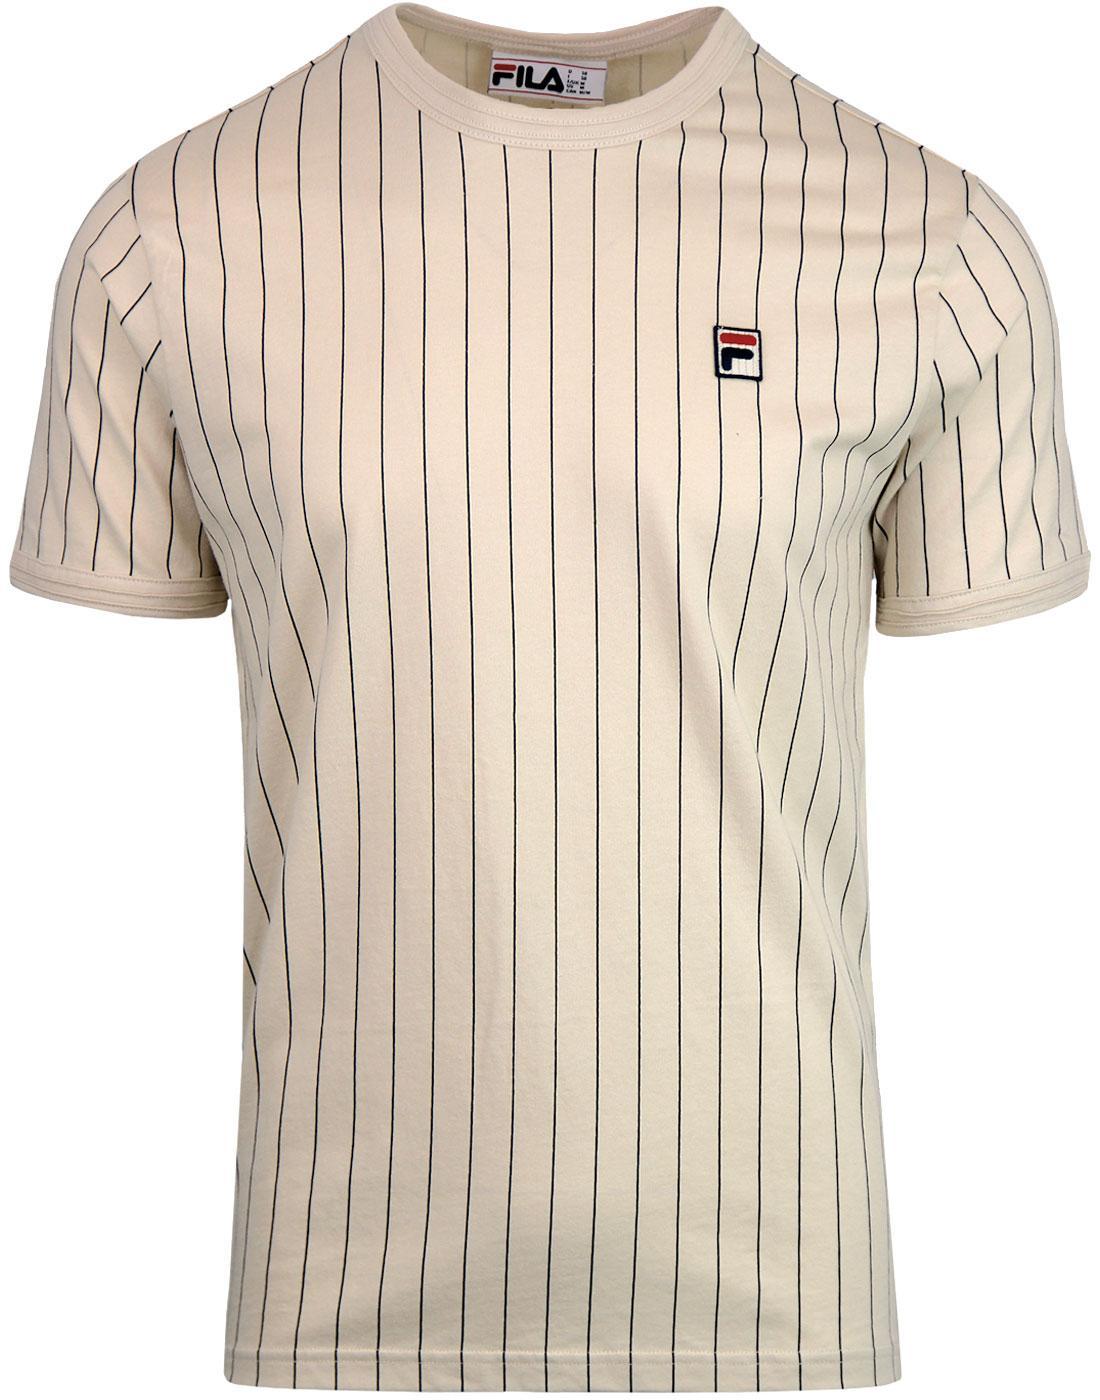 Guilo FILA VINTAGE Retro 1970's Pinstripe Tee (T)